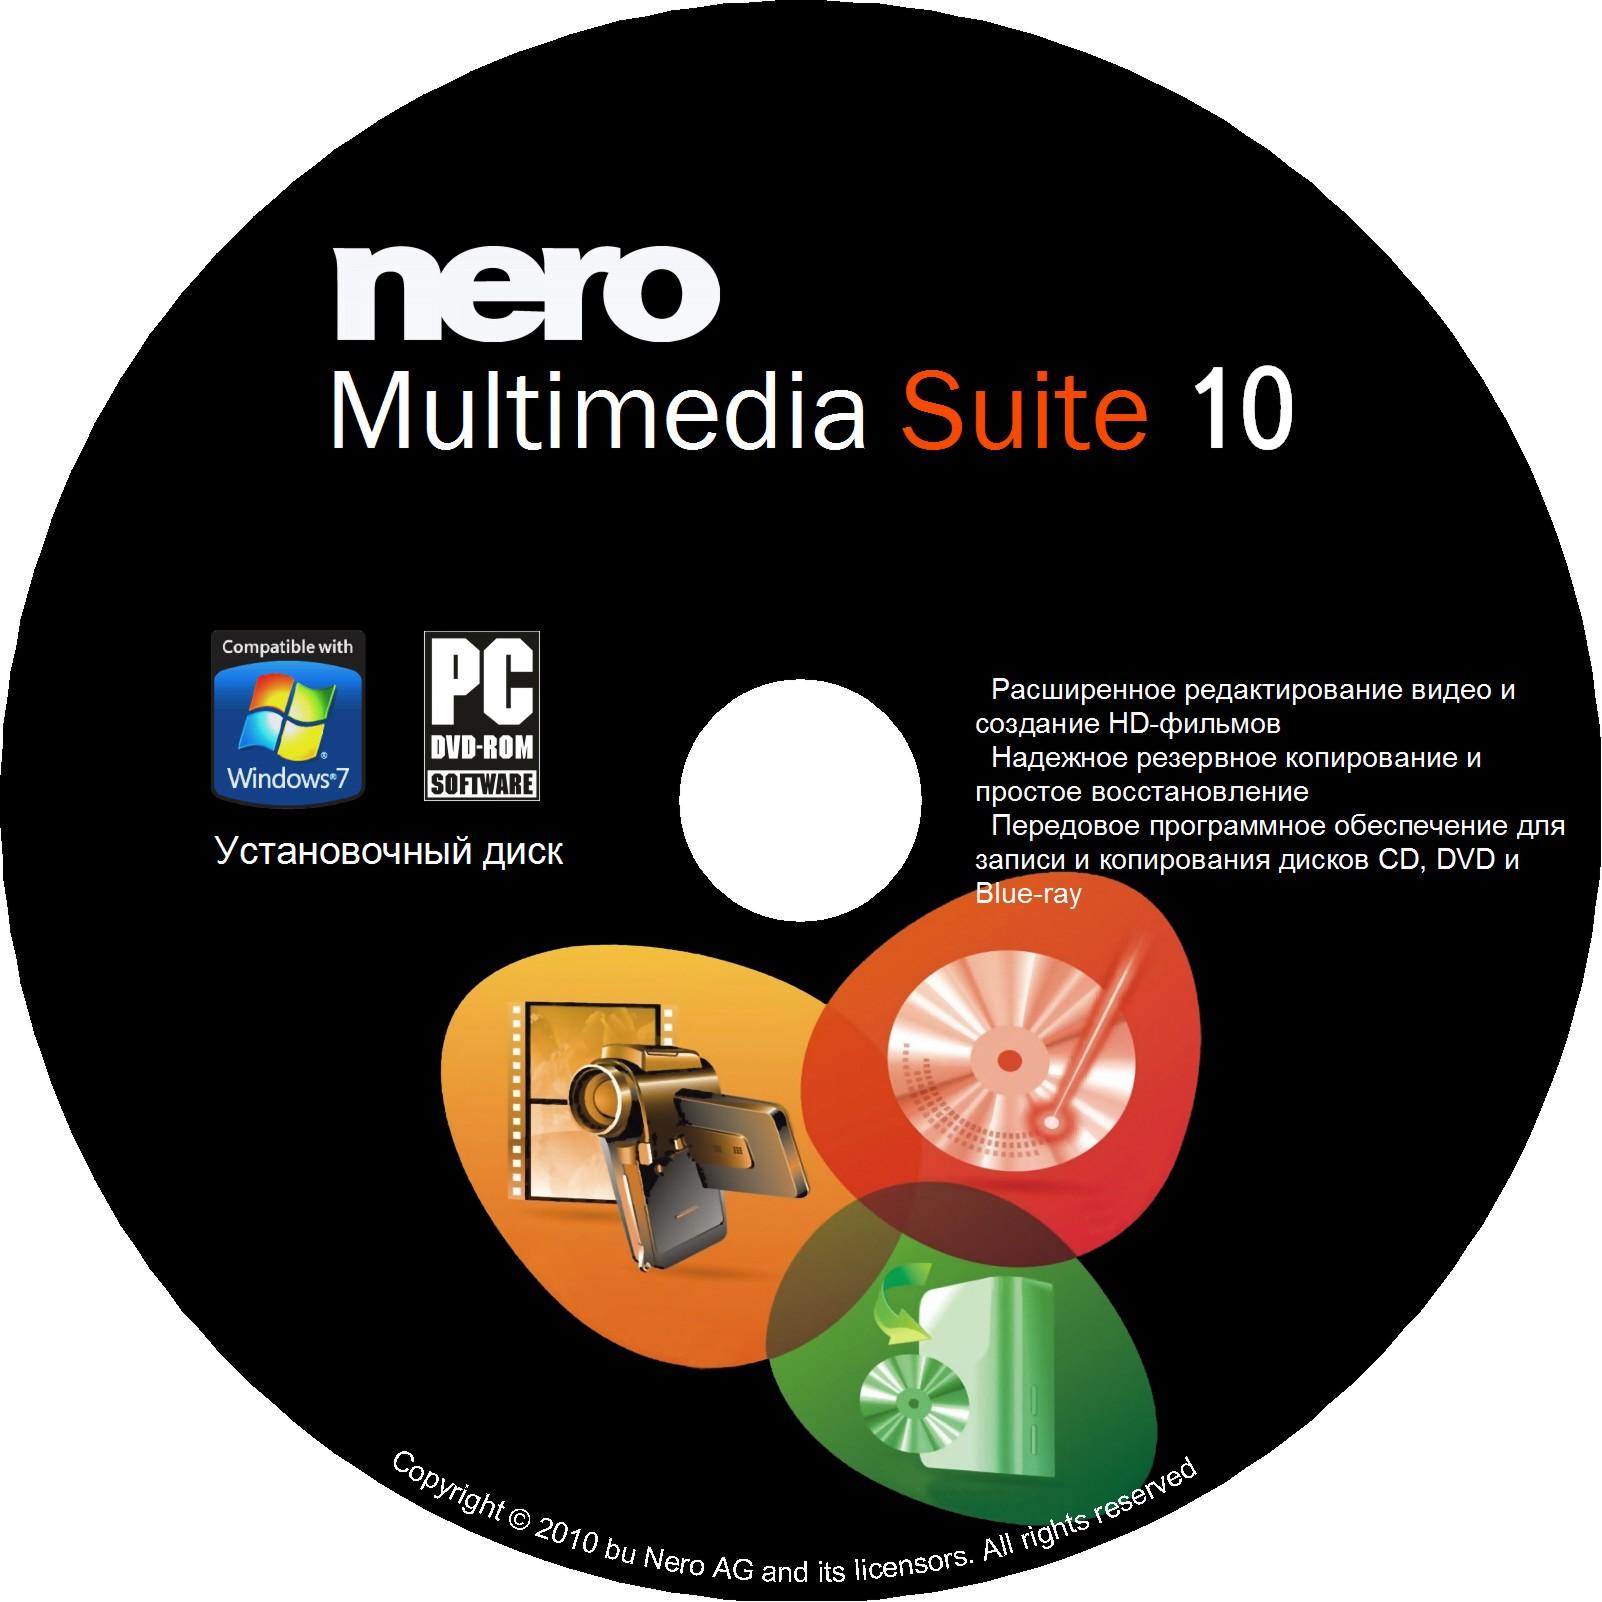 Nero multimedia suite 10 video editing tutorial